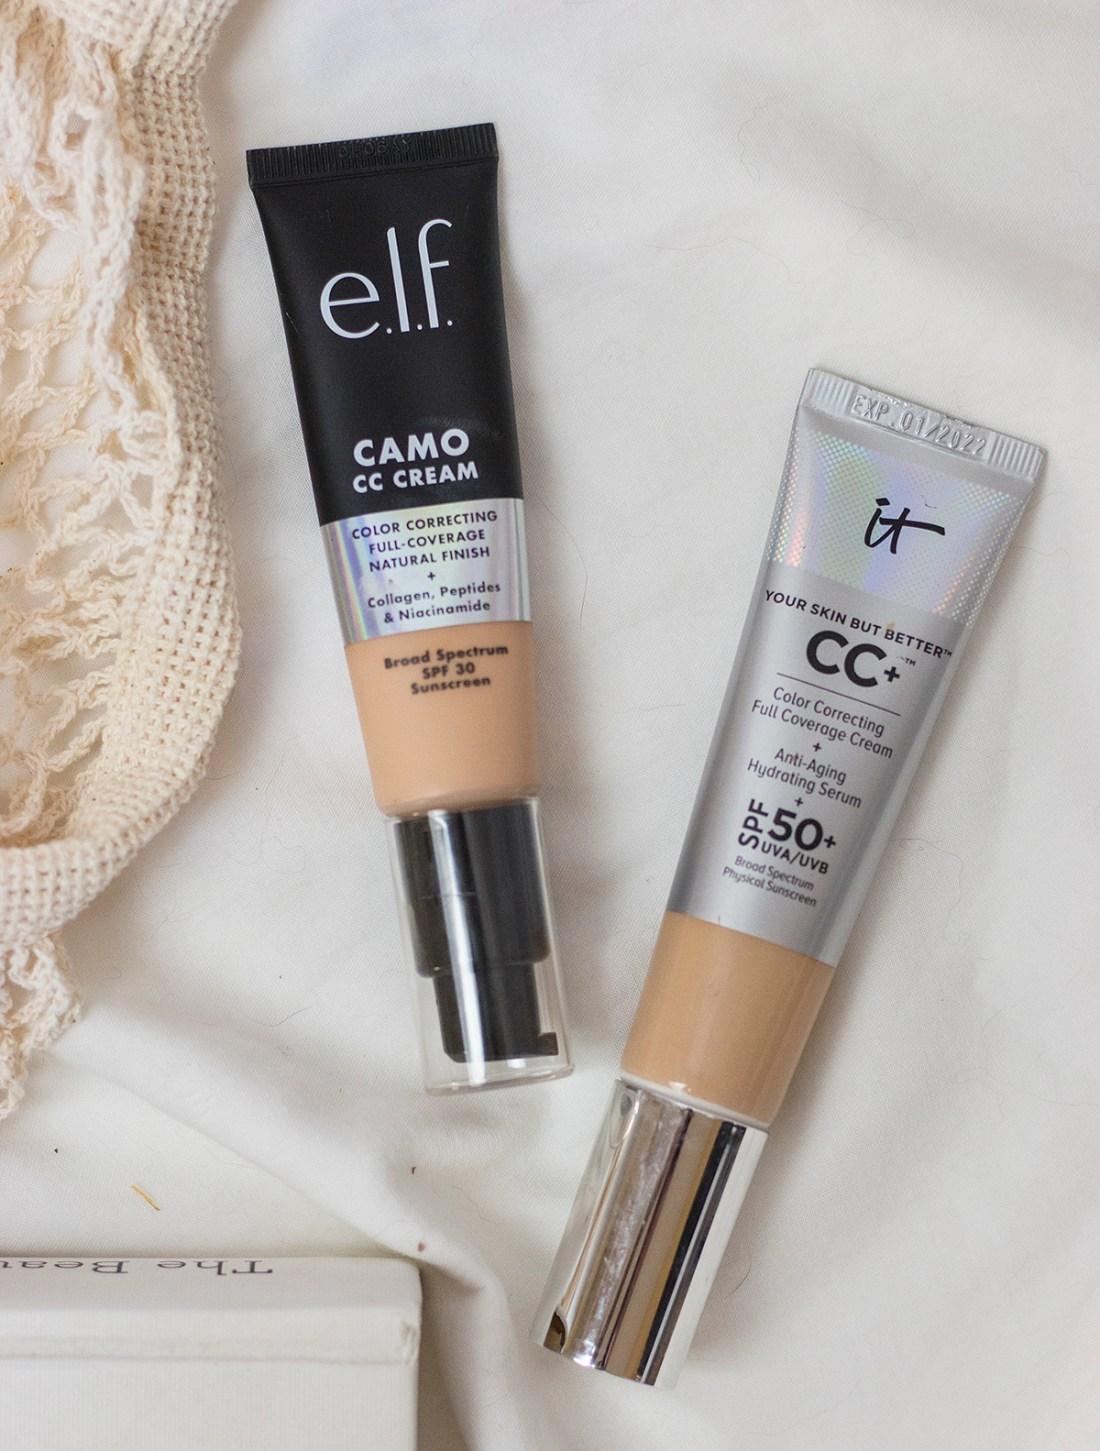 e.l.f. CC Cream vs. it Cosmetics CC Cream | A Good Hue